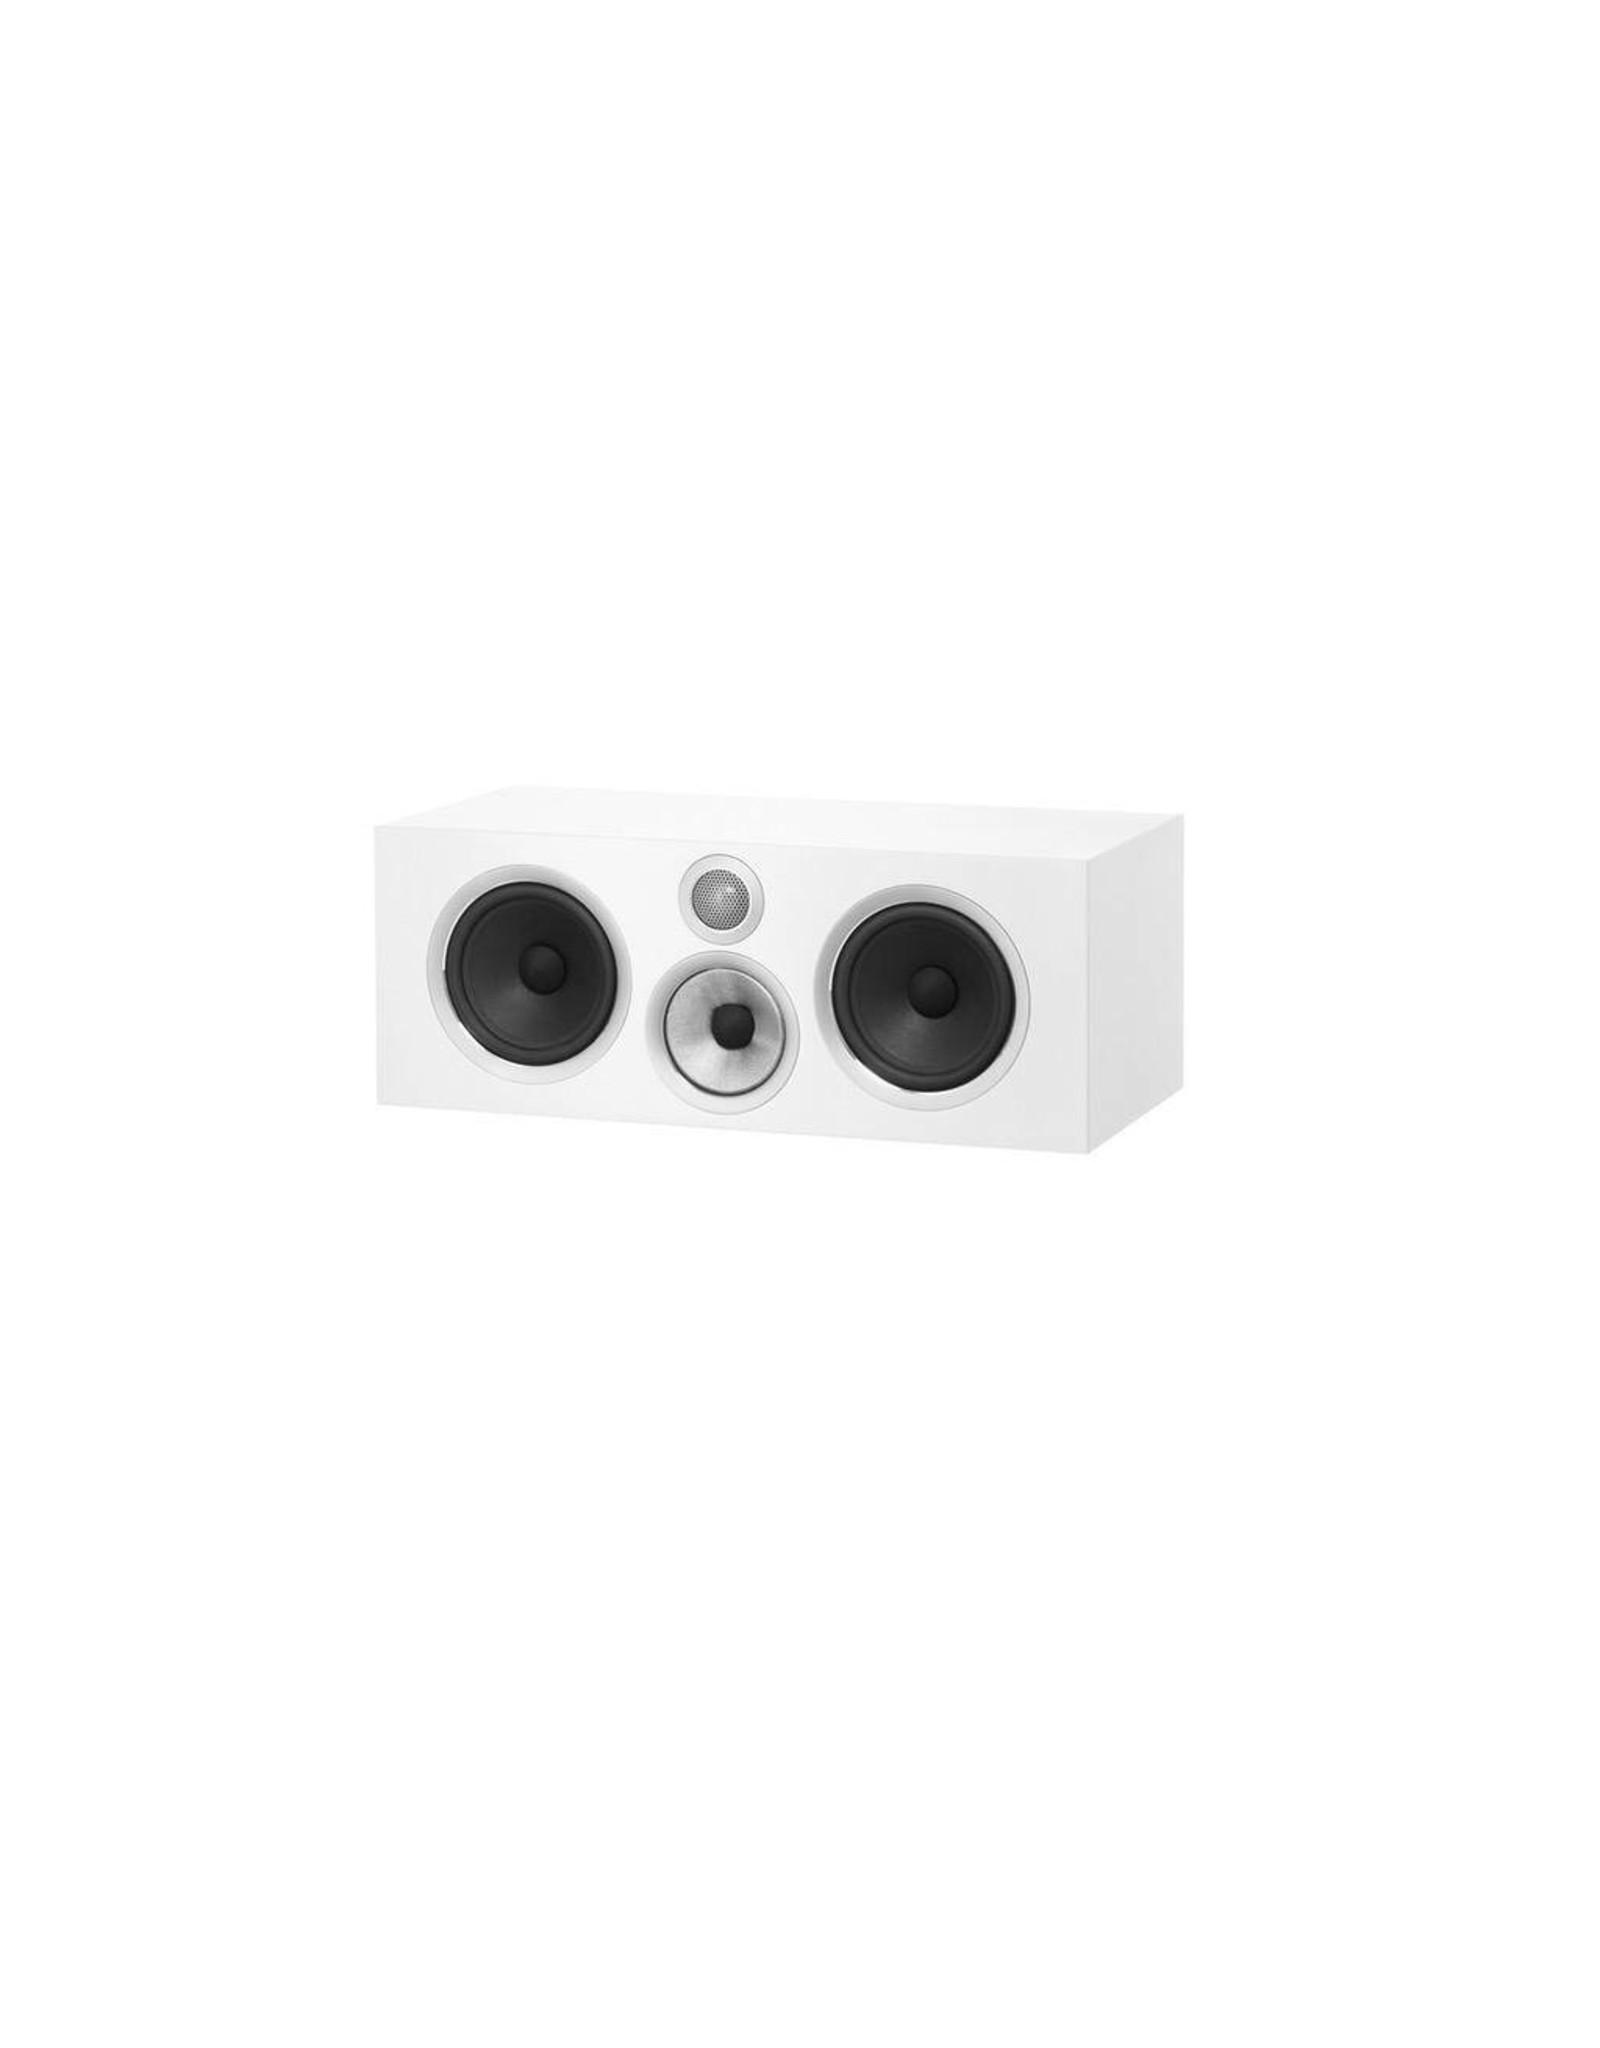 BOWERS & WILKINS B&W HTM71 3-Way Centre Channel Speaker